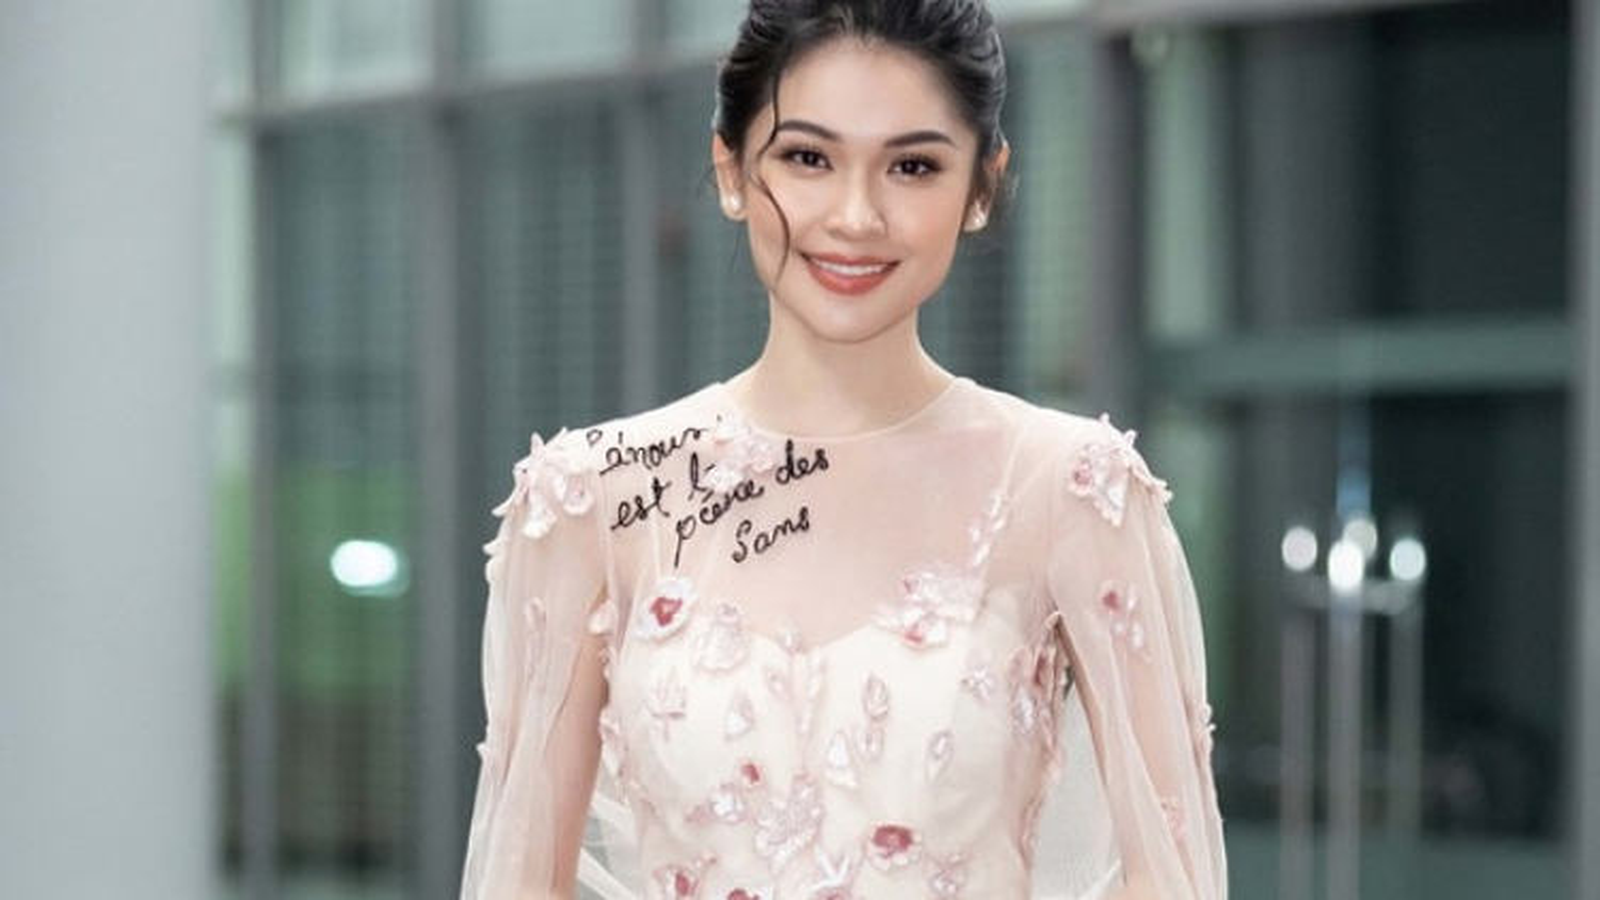 Á hậu Thuỳ Dung tự cách ly ở nhà 14 ngày sau khi ở sân bay Đà Nẵng